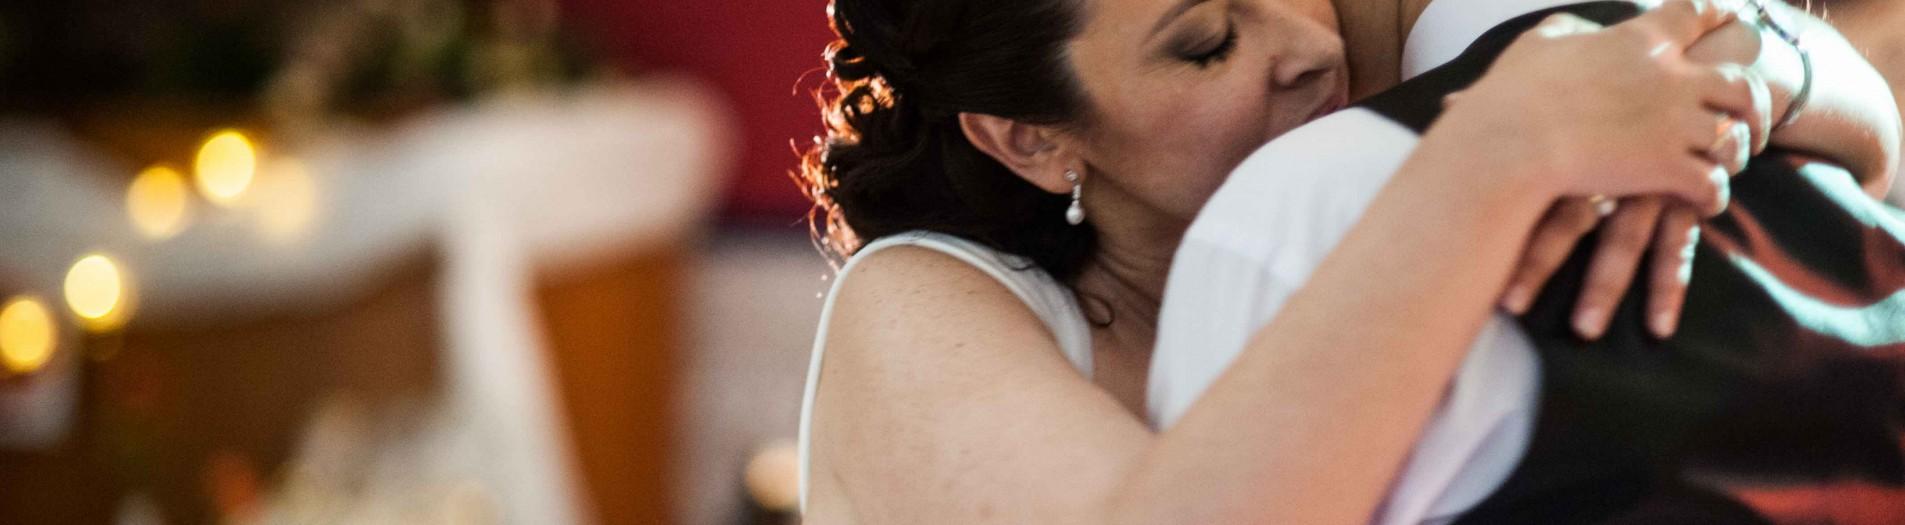 Fotografo de Boda en Venta Alegria Murcia - Maria y Angel